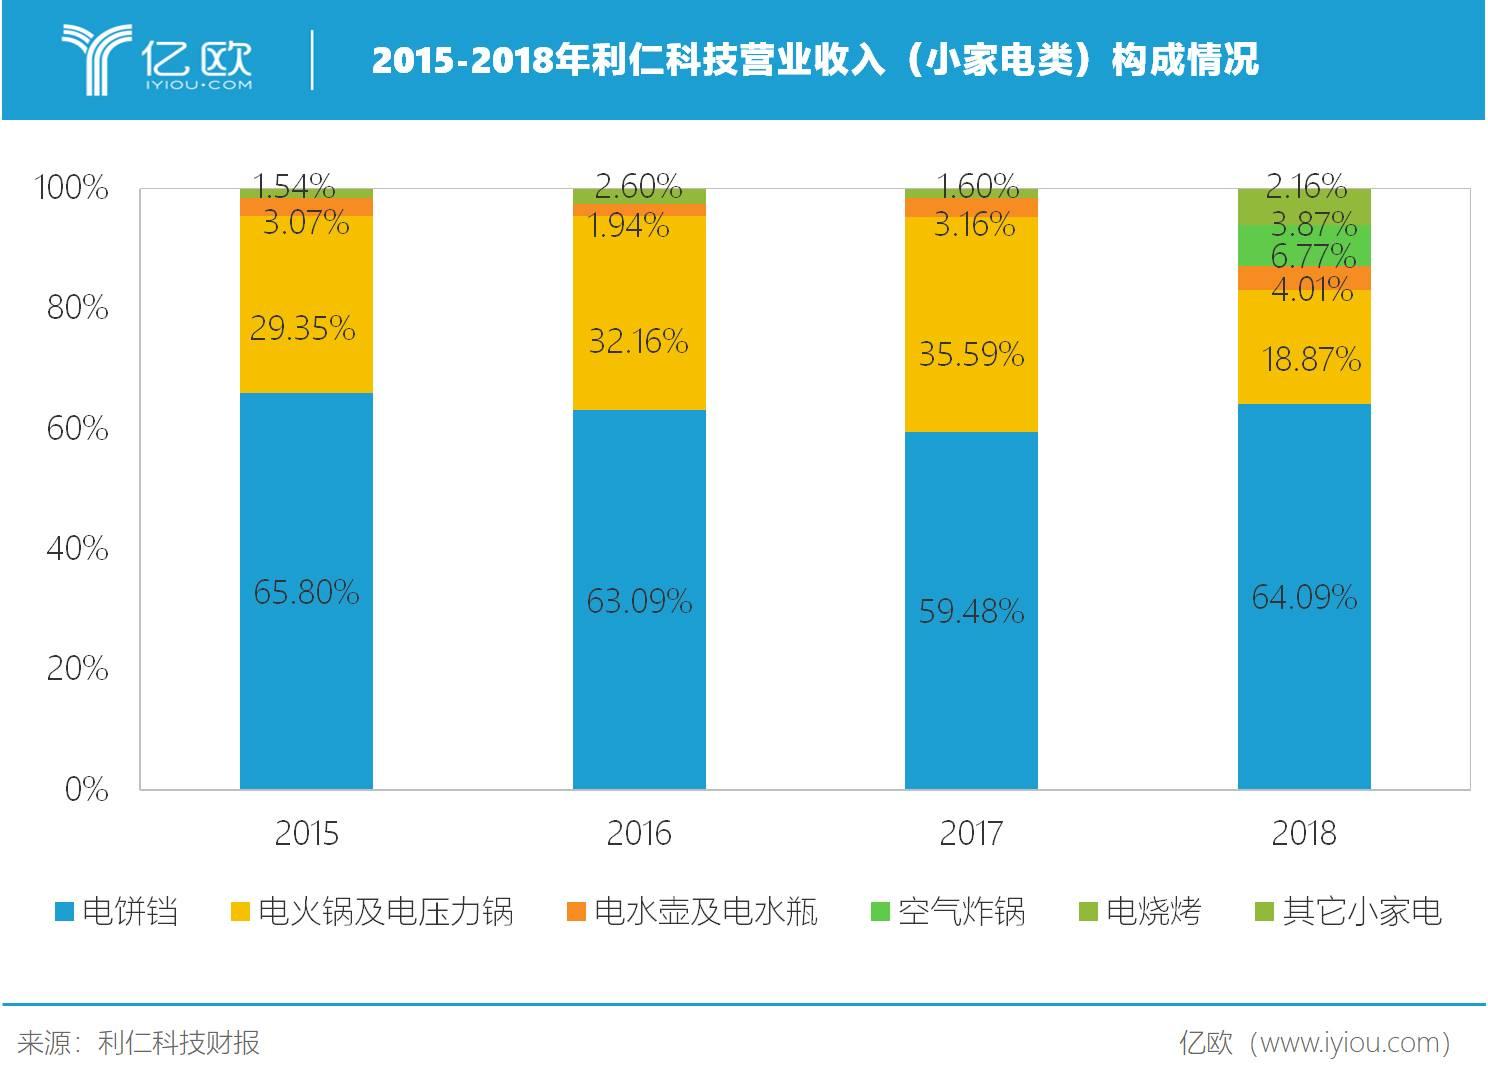 2015-2018年利仁科技营业收入(小家电类)构成情况